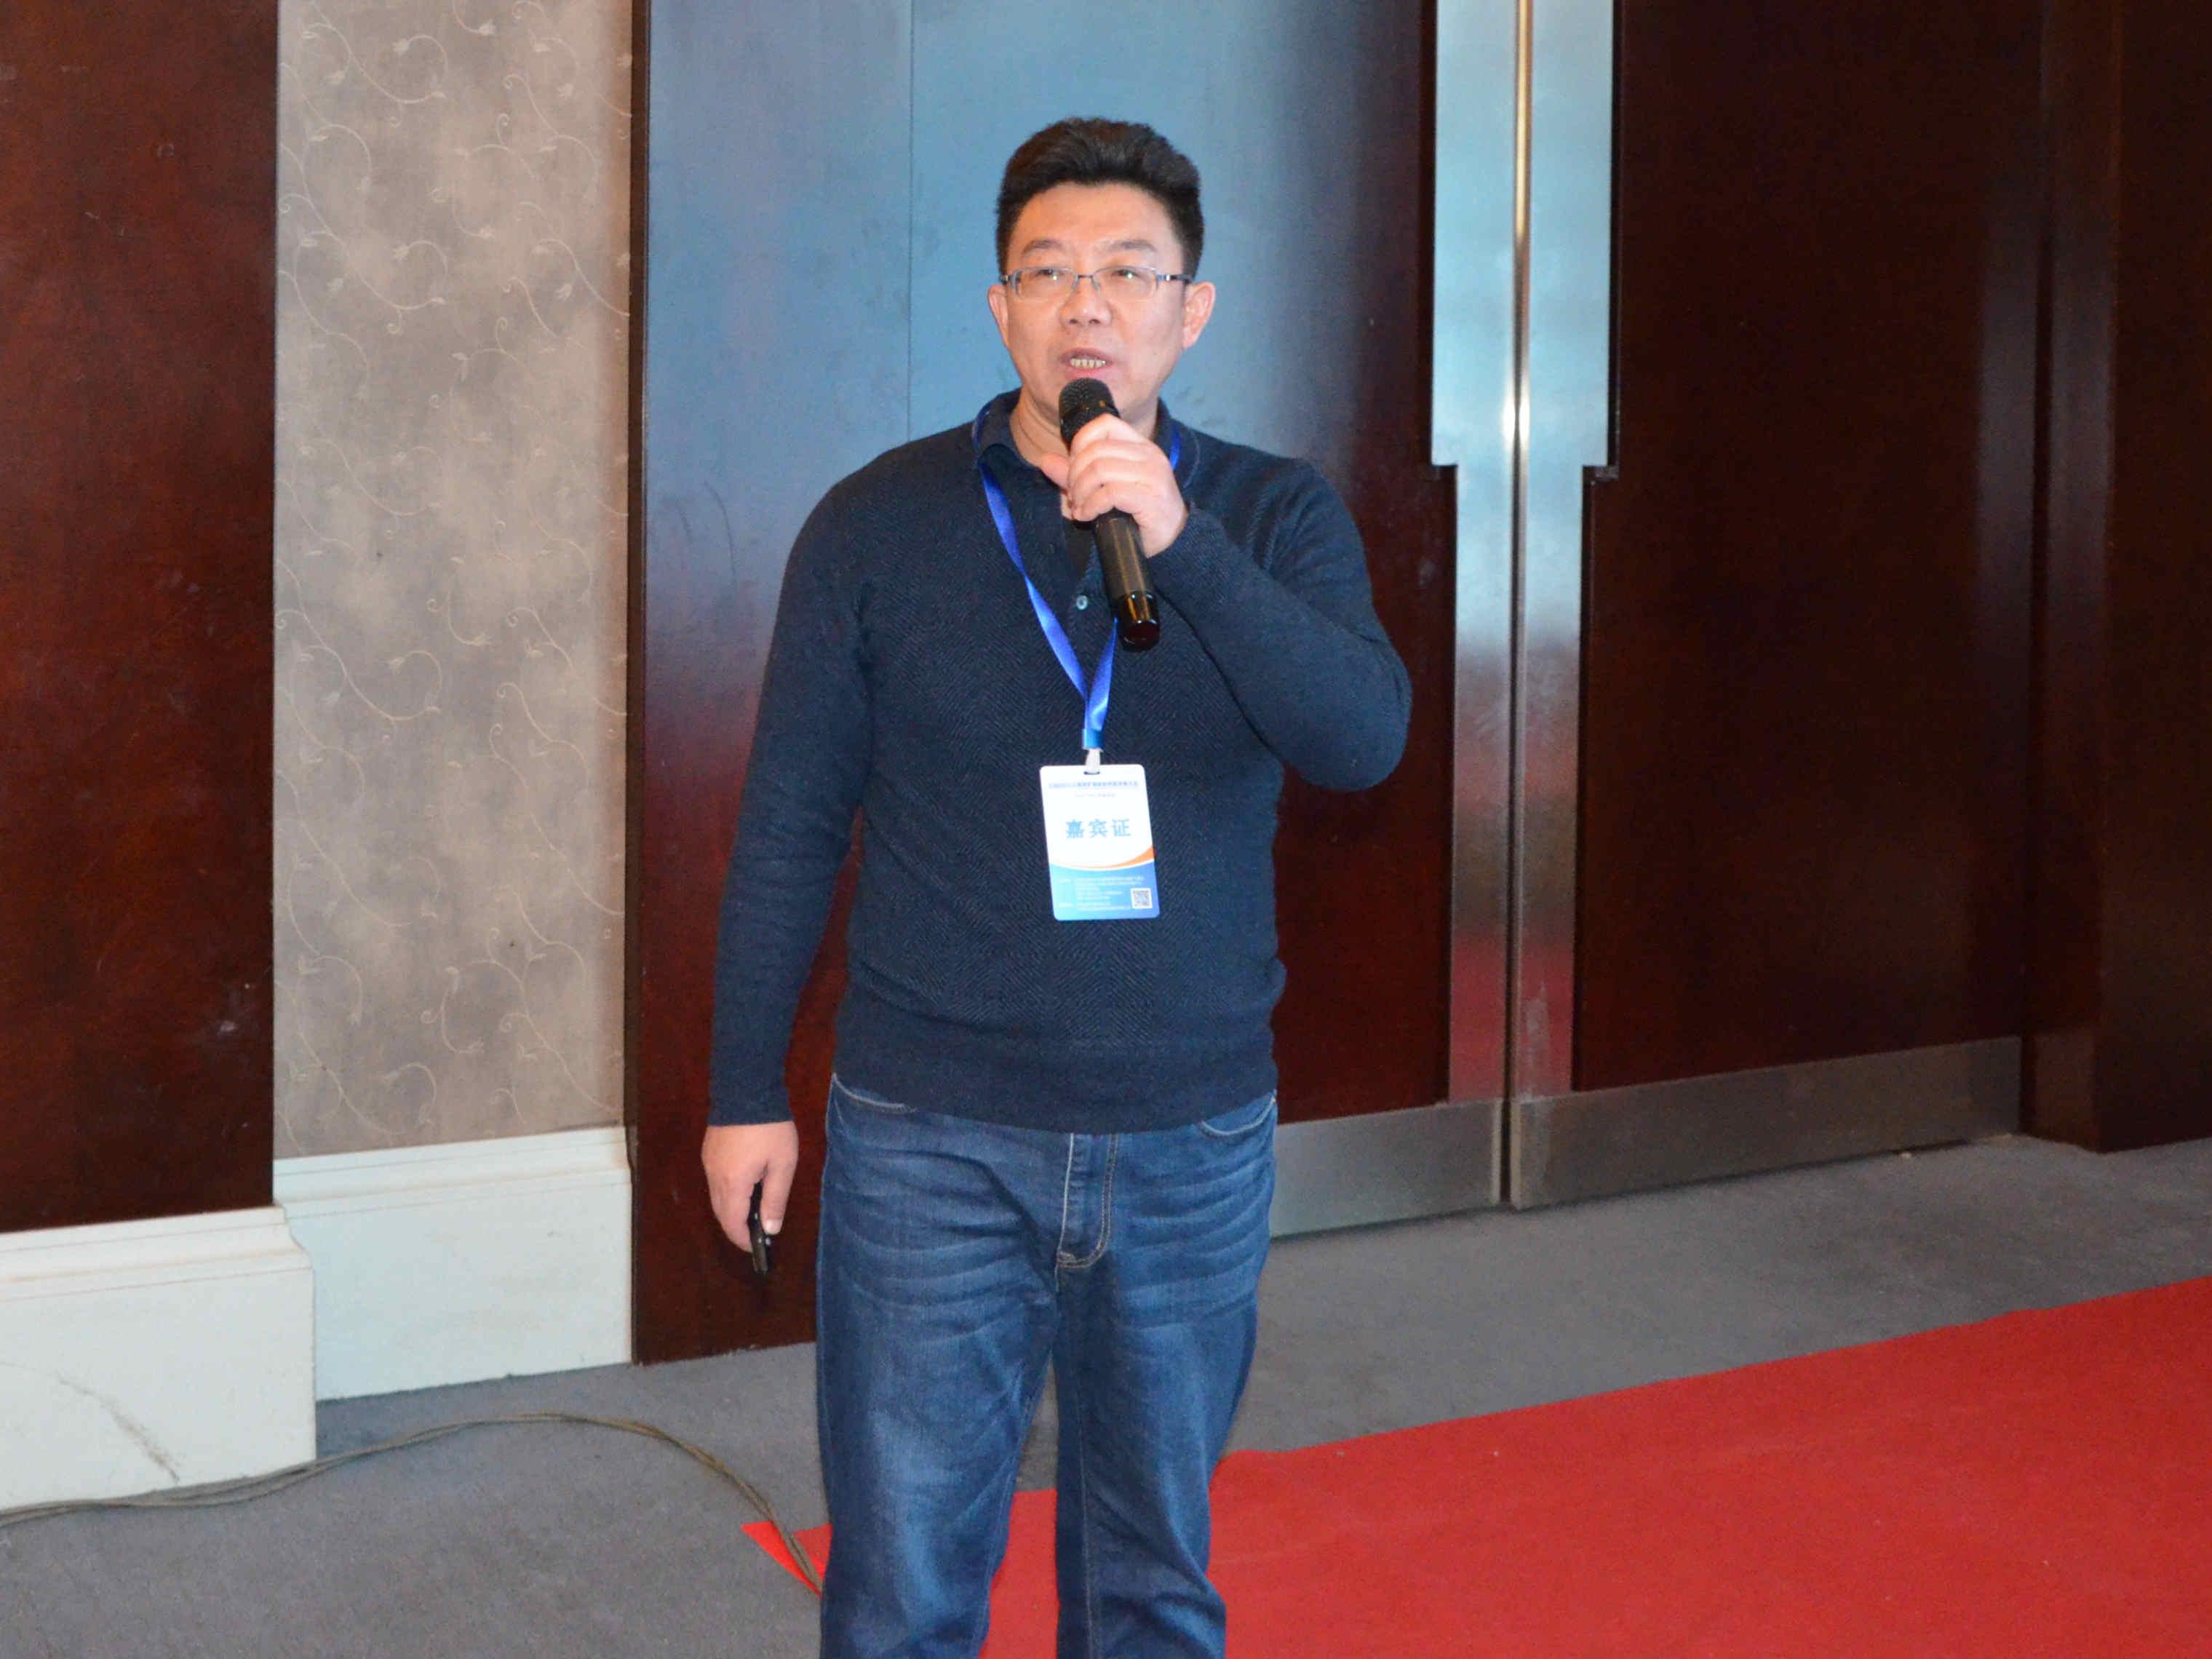 北京矿冶研究总院环境工程研究所研究员杨晓松作《有色金属采选冶废水处理及非金属矿的应用》专题报告